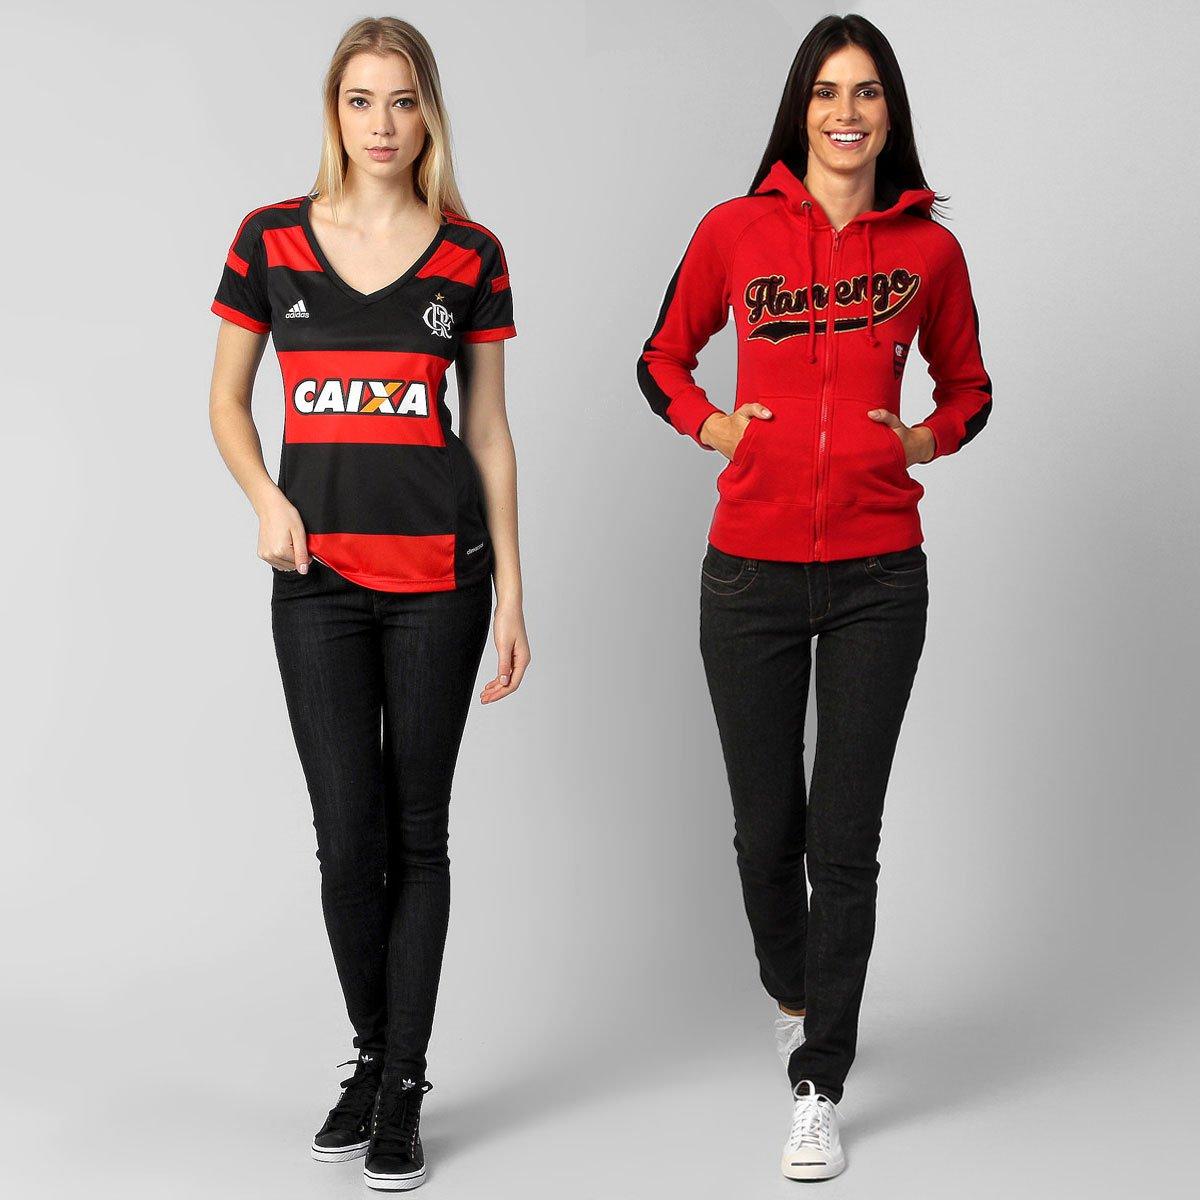 69ac186af4473 Kit Feminino Flamengo - Camisa Feminina Adidas Flamengo I 14 15 + Jaqueta -  Compre Agora